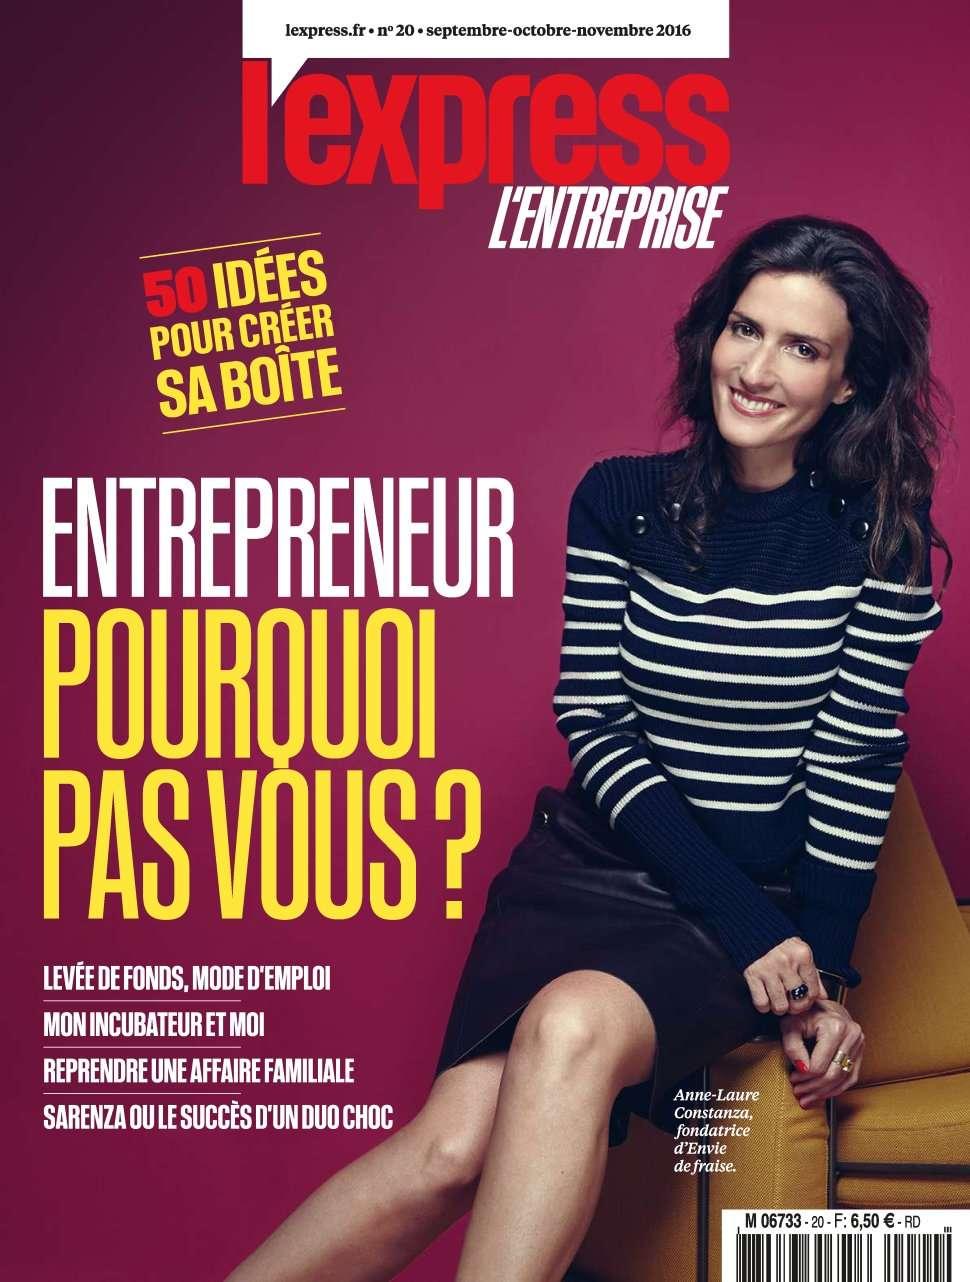 L'Express Hors-Série 54 - Septembre/Novembre 2016